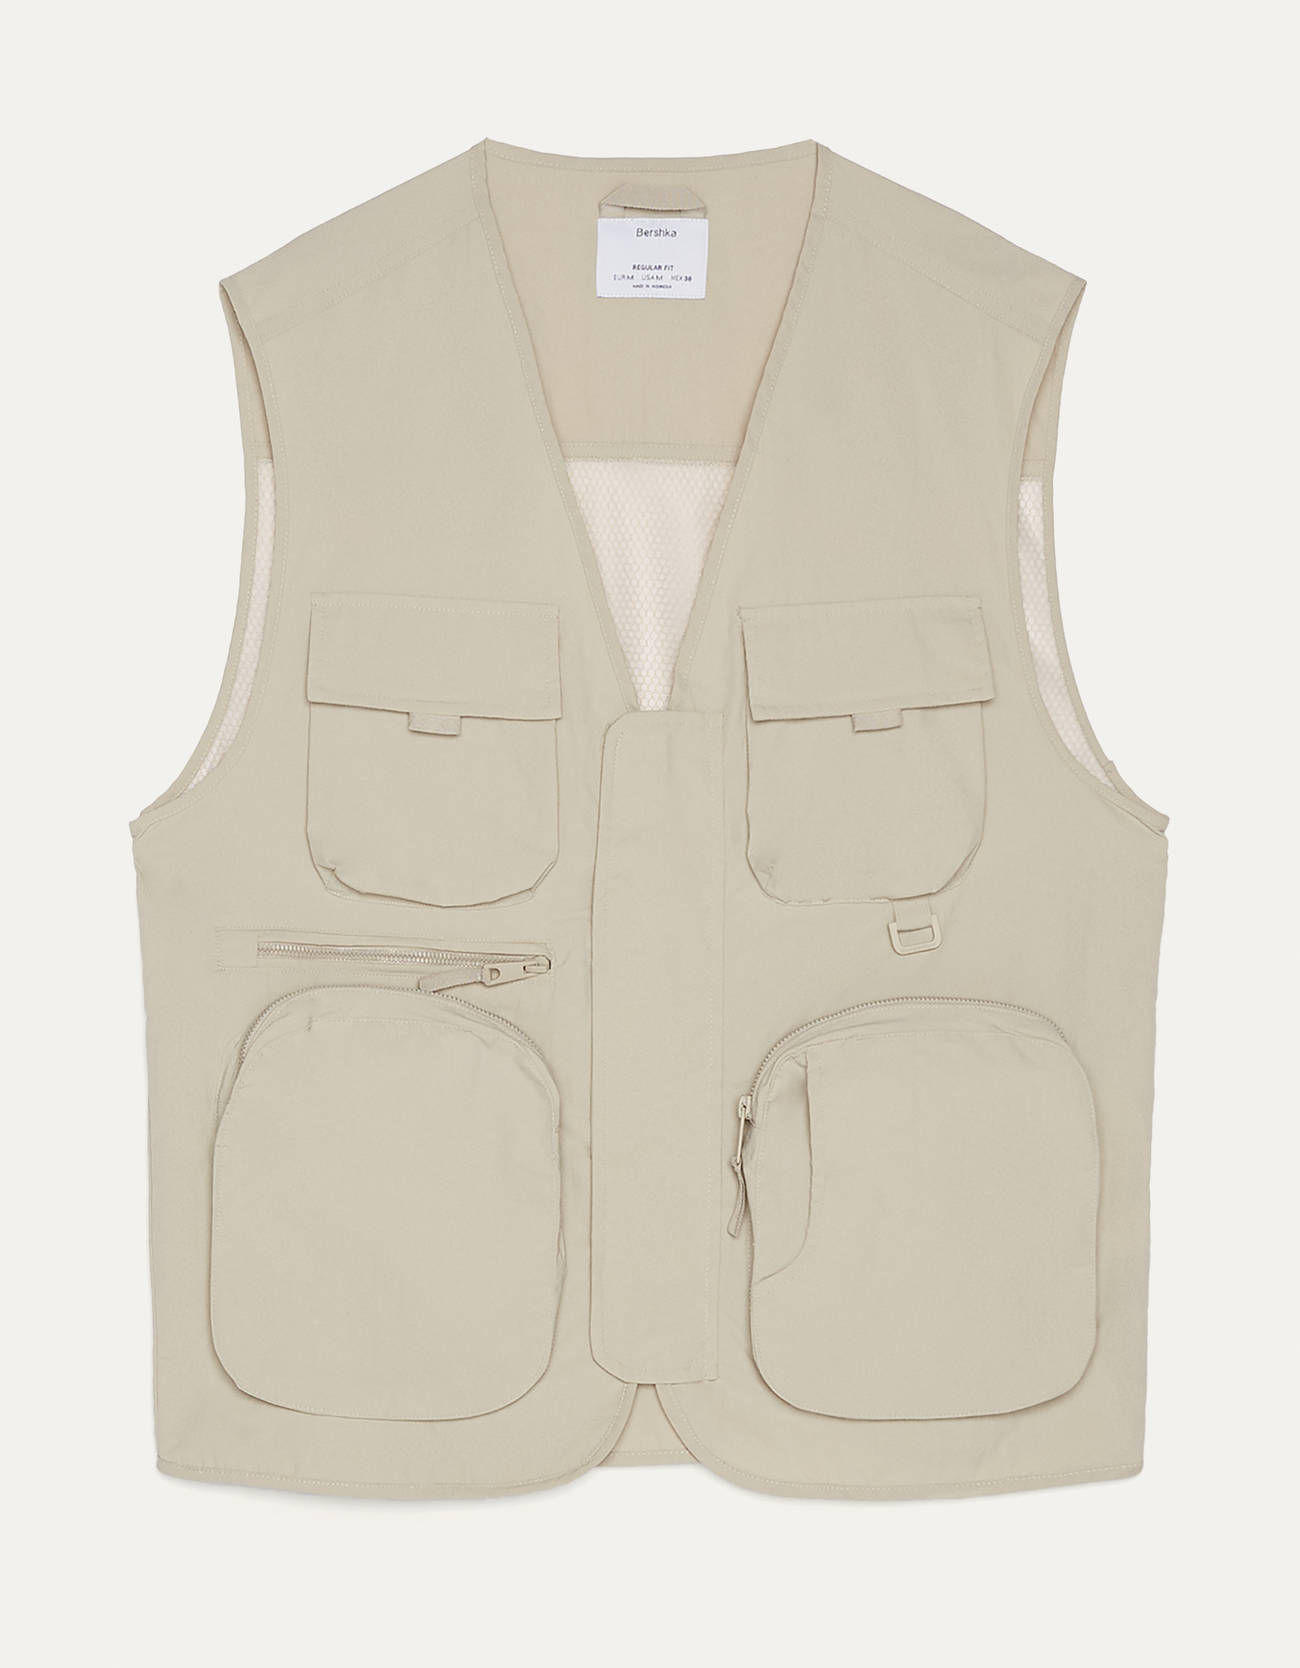 Nylon vest with mesh